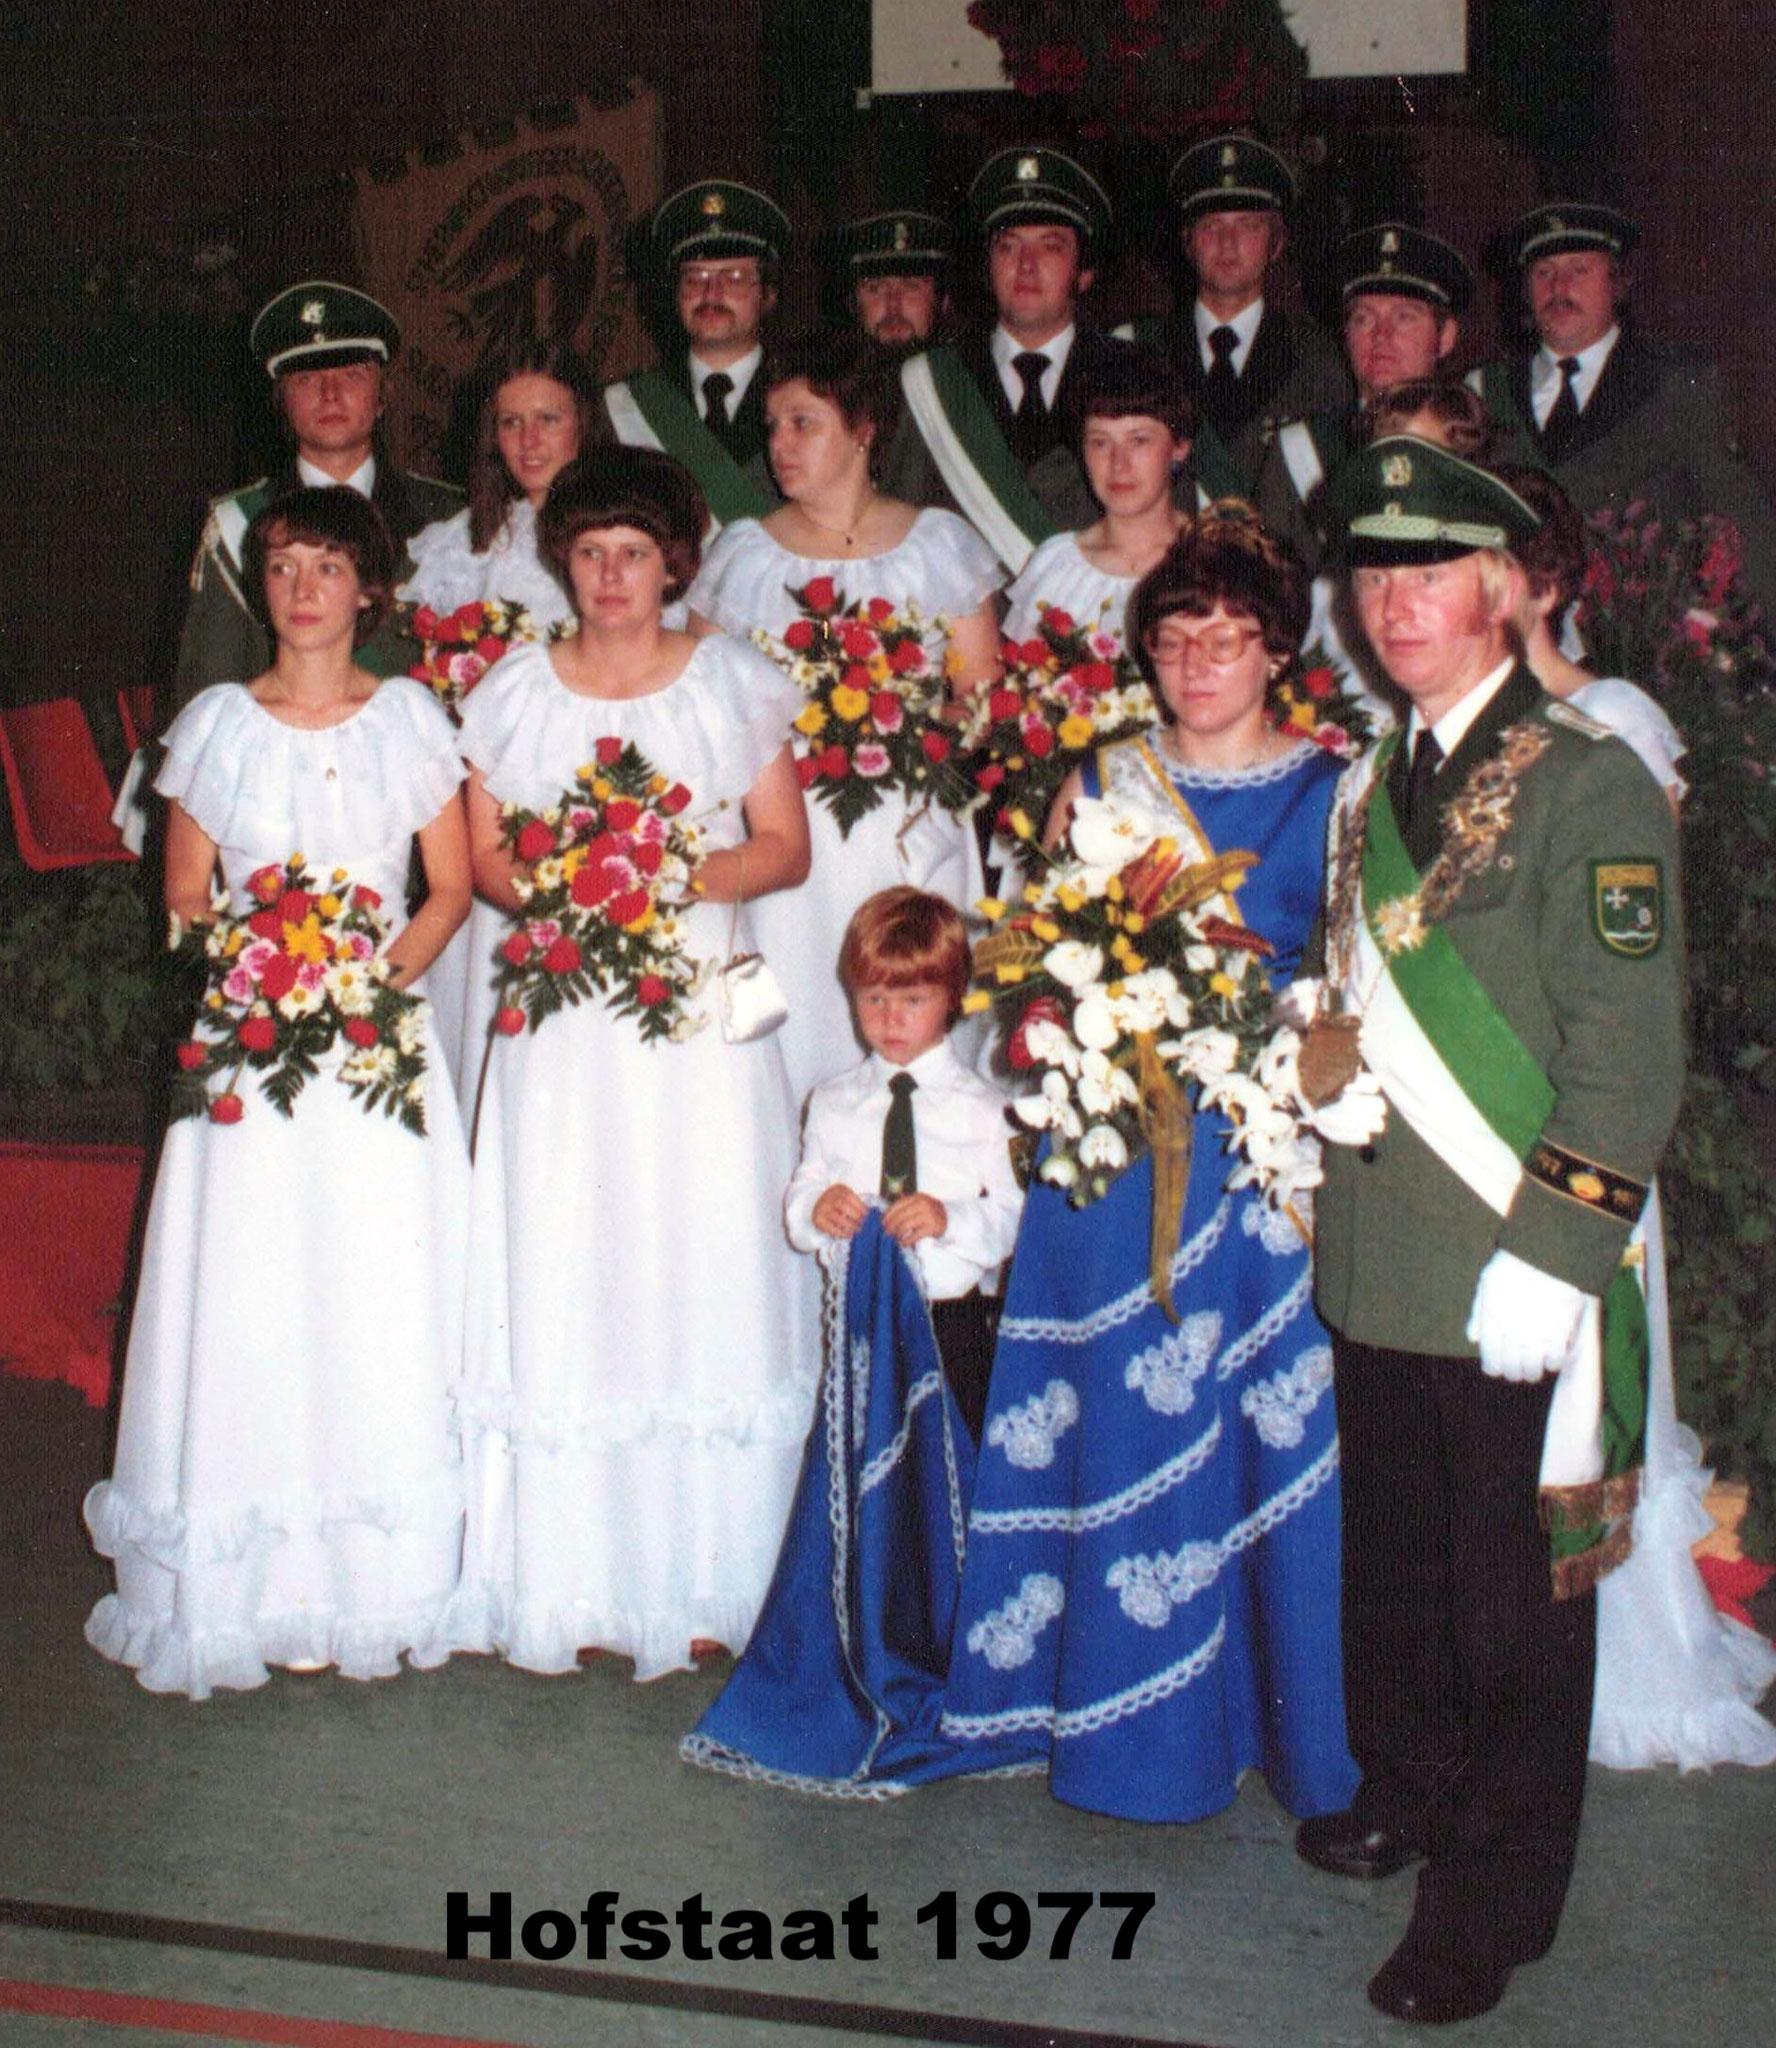 Hofstaat 1977 Günther und Marlene Hils (Gottfried Börnemeier u. Anita Thienenkamp, Franz u. Maria Lipsmeier, Meinolf u. Gisela Hamschmidt, Josef u. Ursula Wecker, Georg u. Beate Hils, Anton u. Monika Bolte)